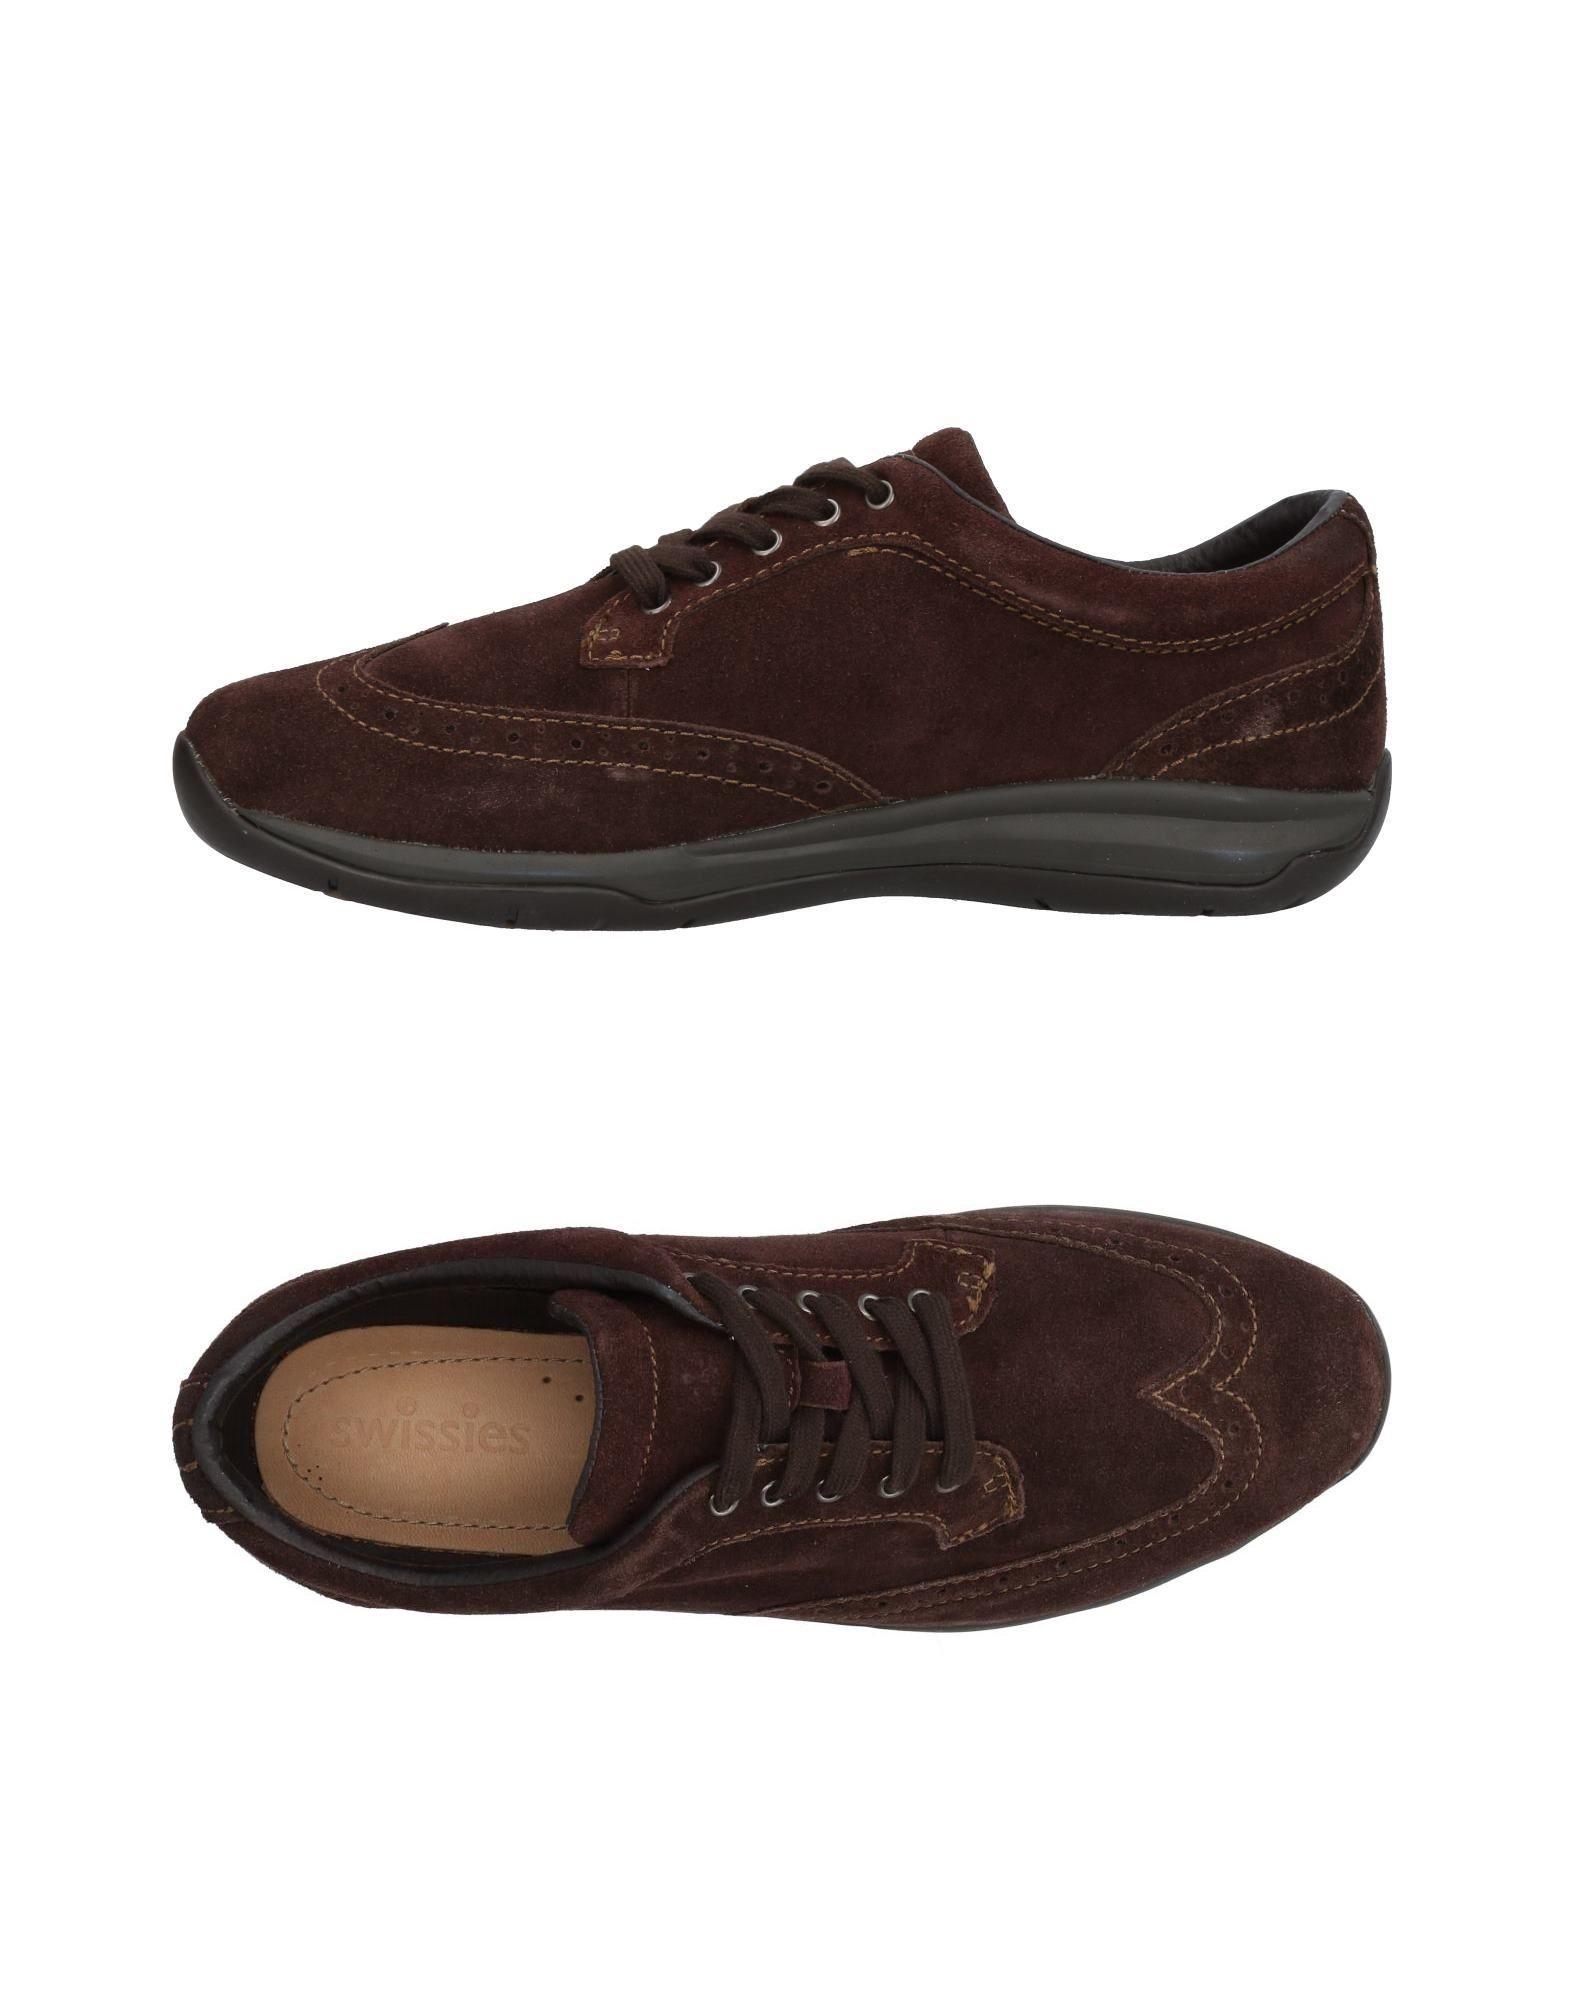 Rabatt echte Schuhe Swissies Sneakers Herren  11455636DC